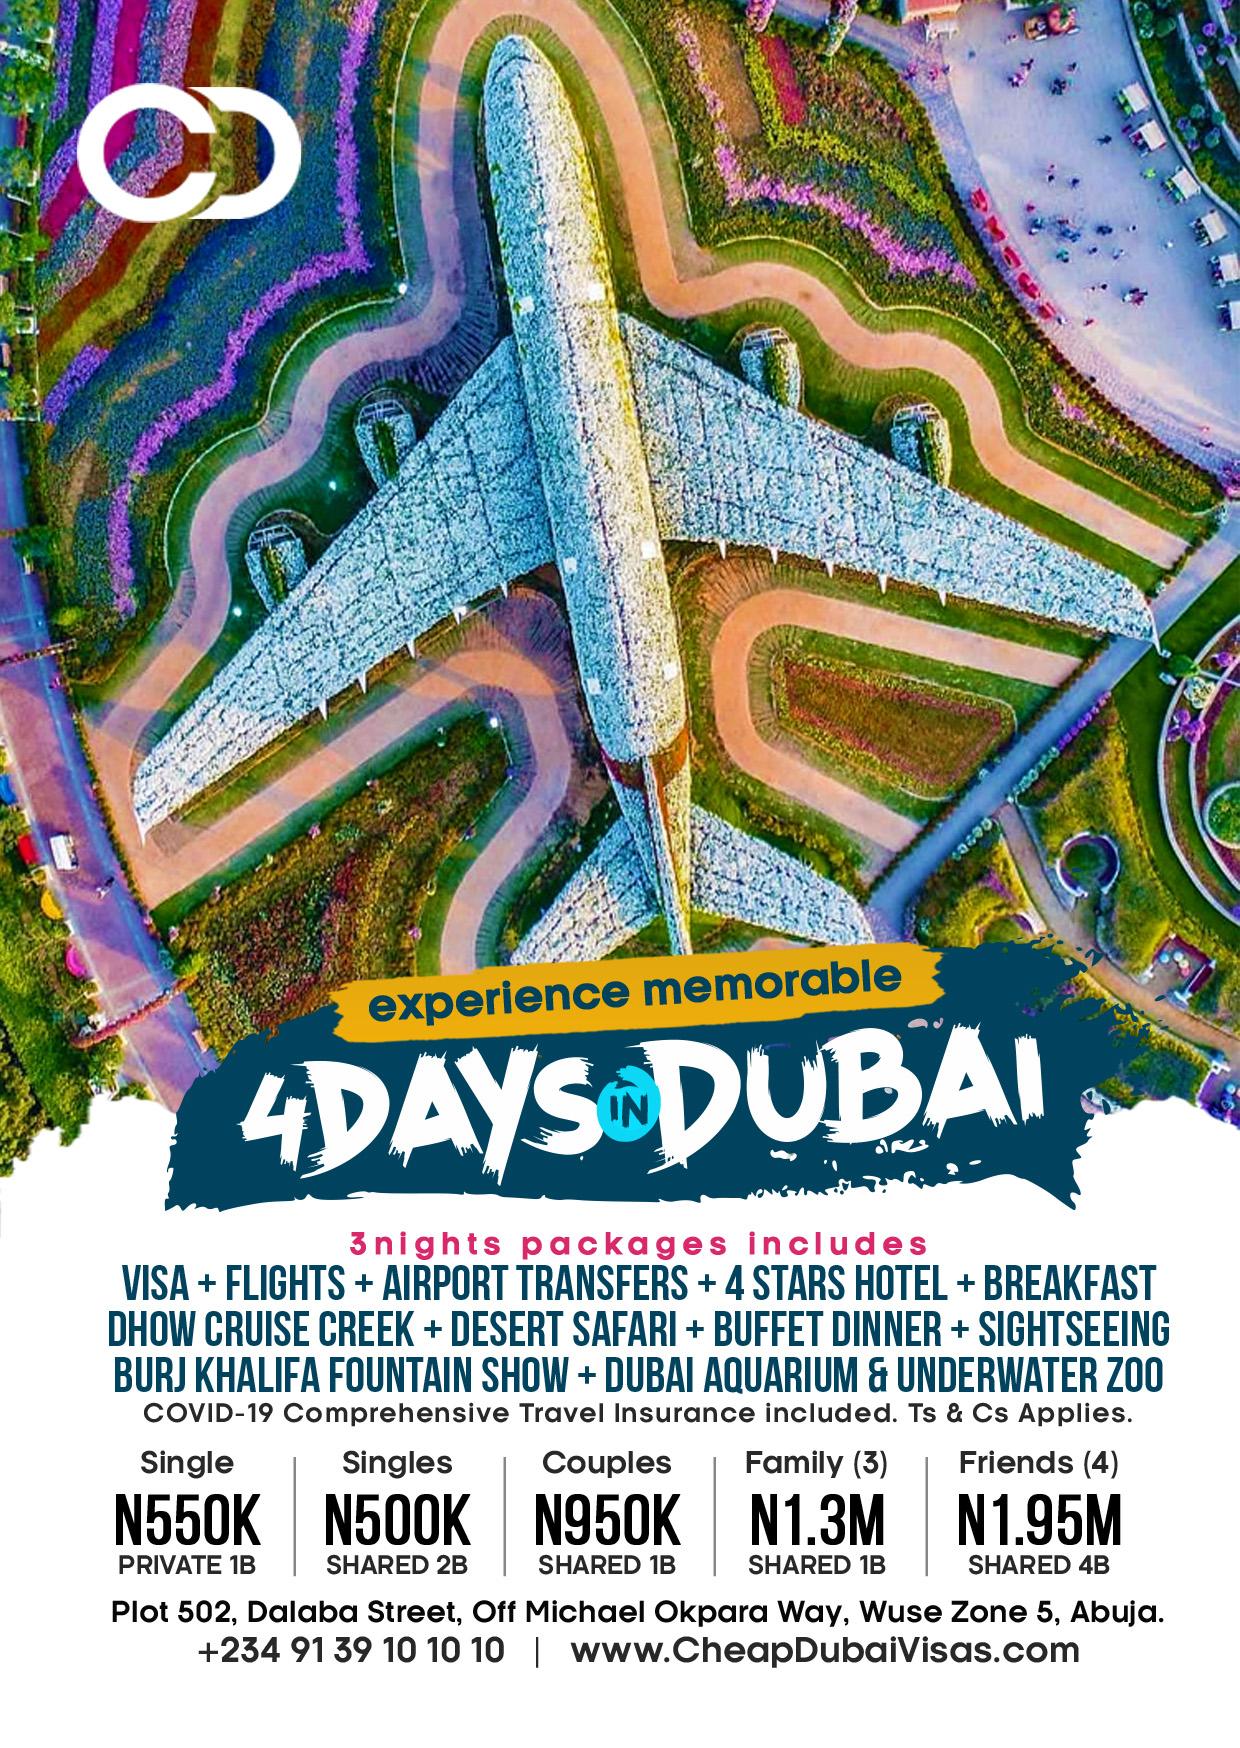 Dubai Christmas Packages Cheap Dubai Packages a Cheap Dubai Visas